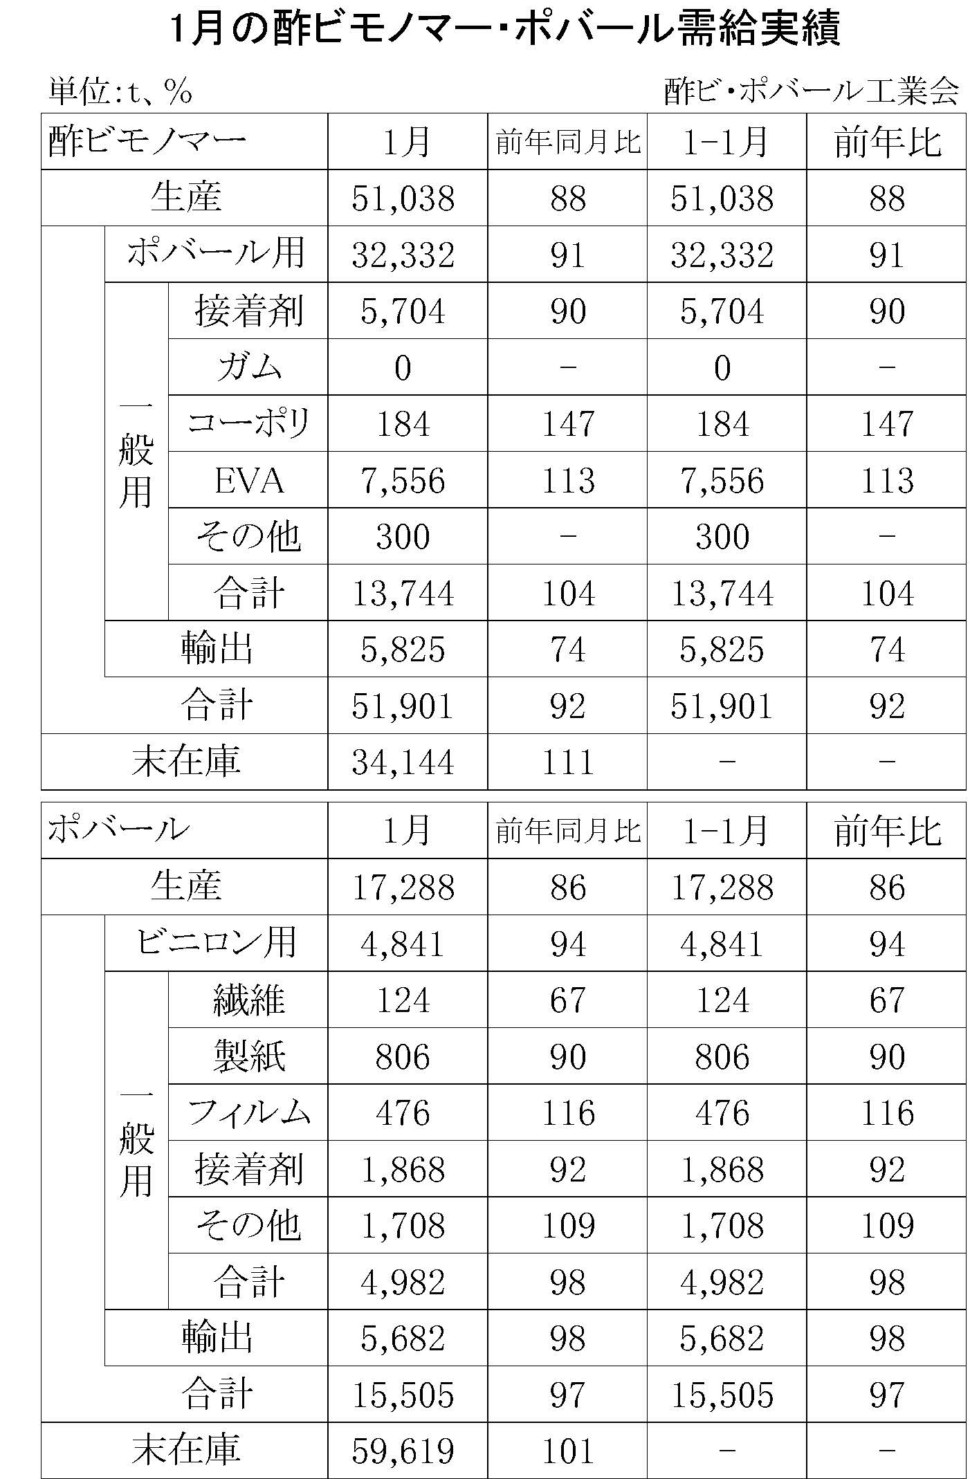 1月の酢ビモノマー・ポバール需給実績